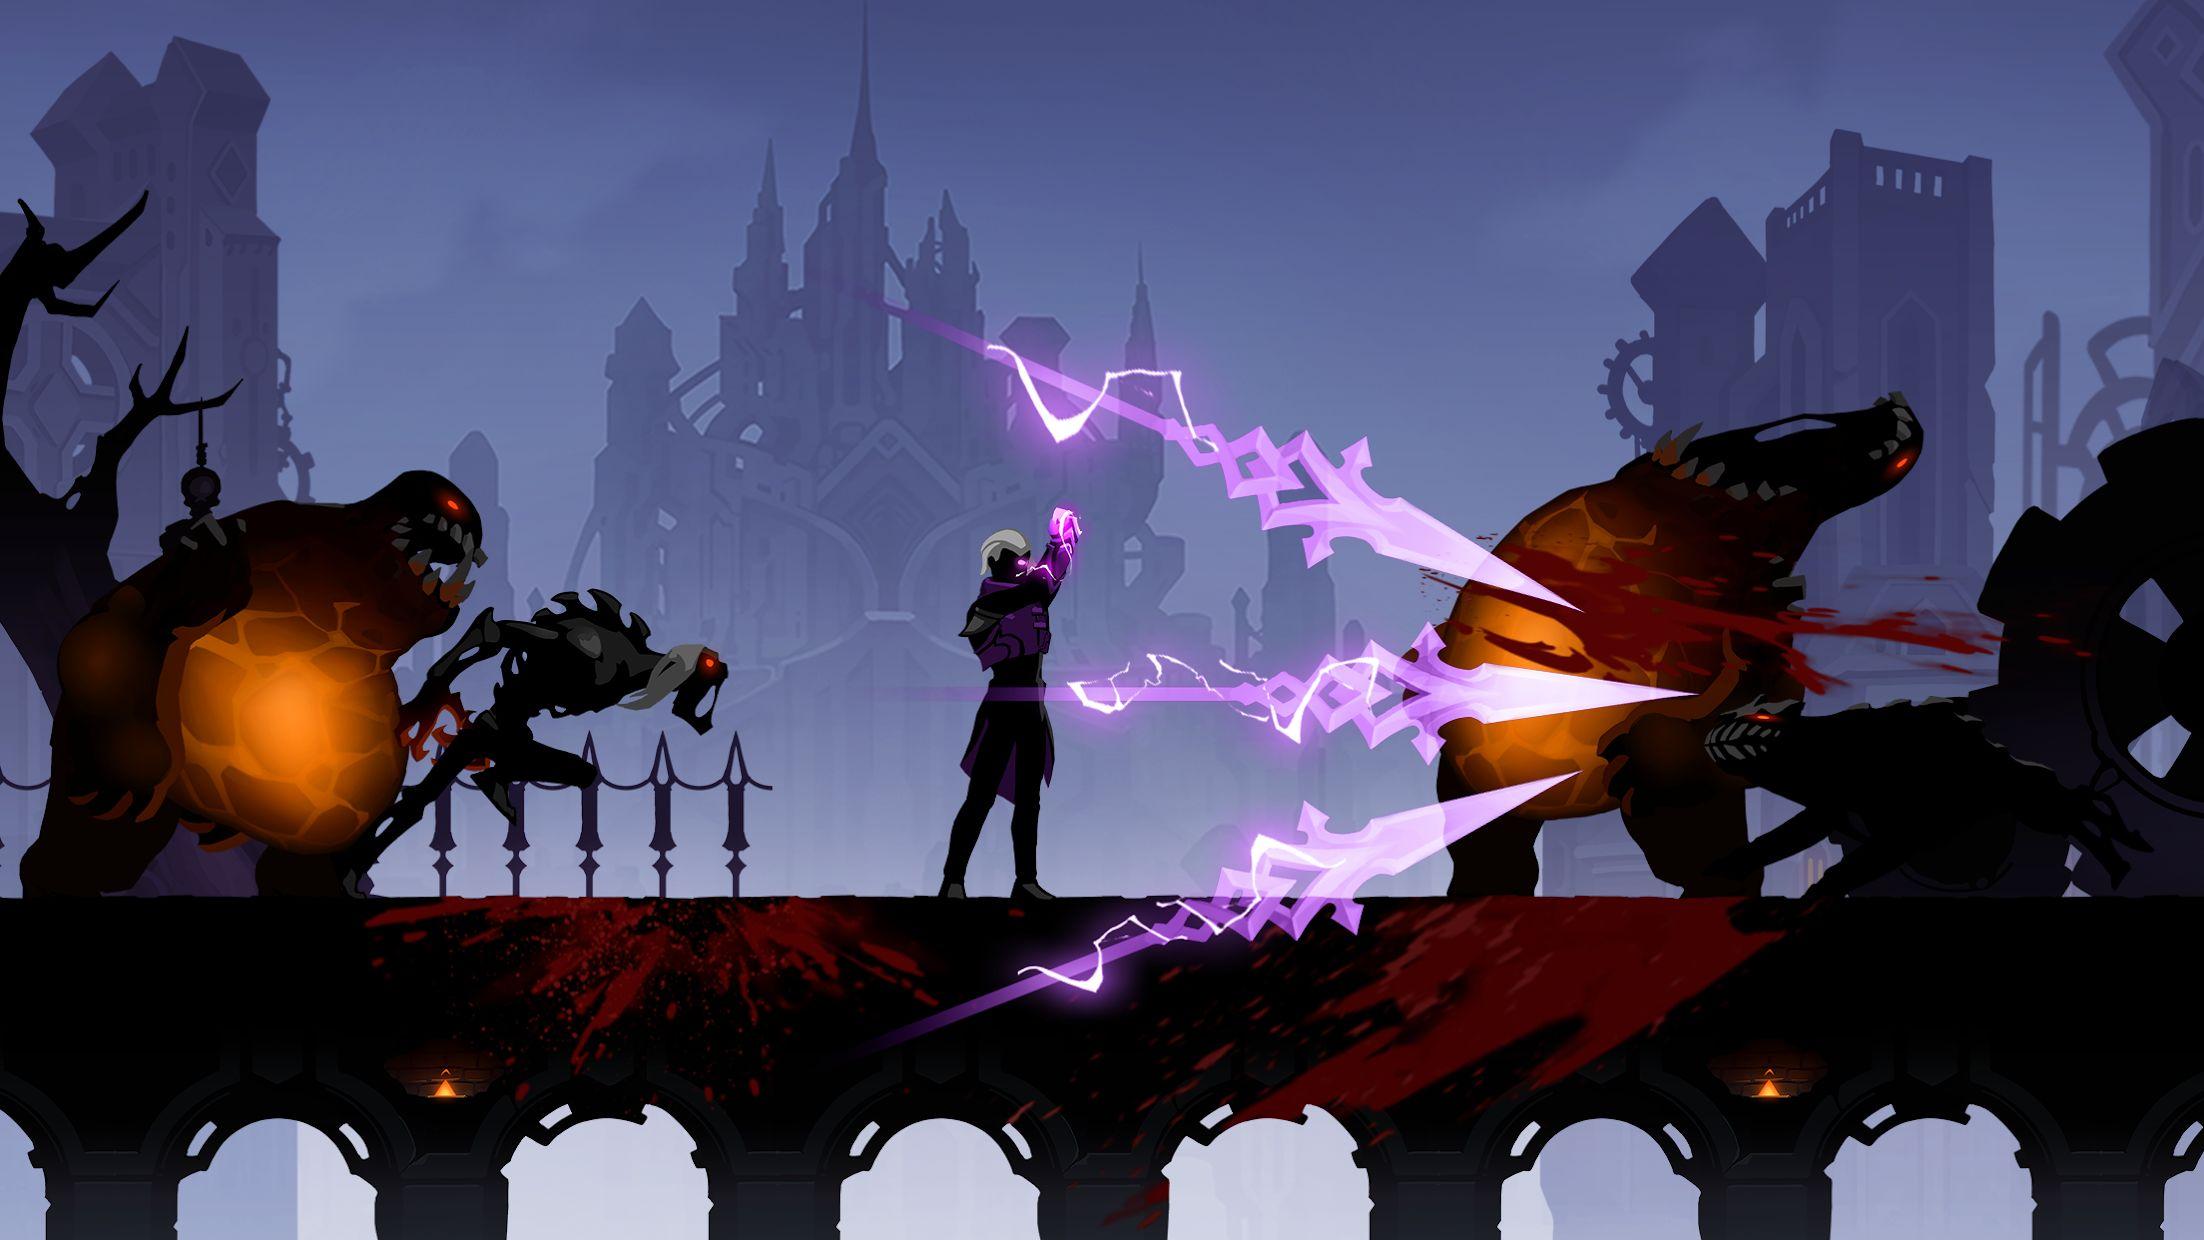 暗影骑士 游戏截图5